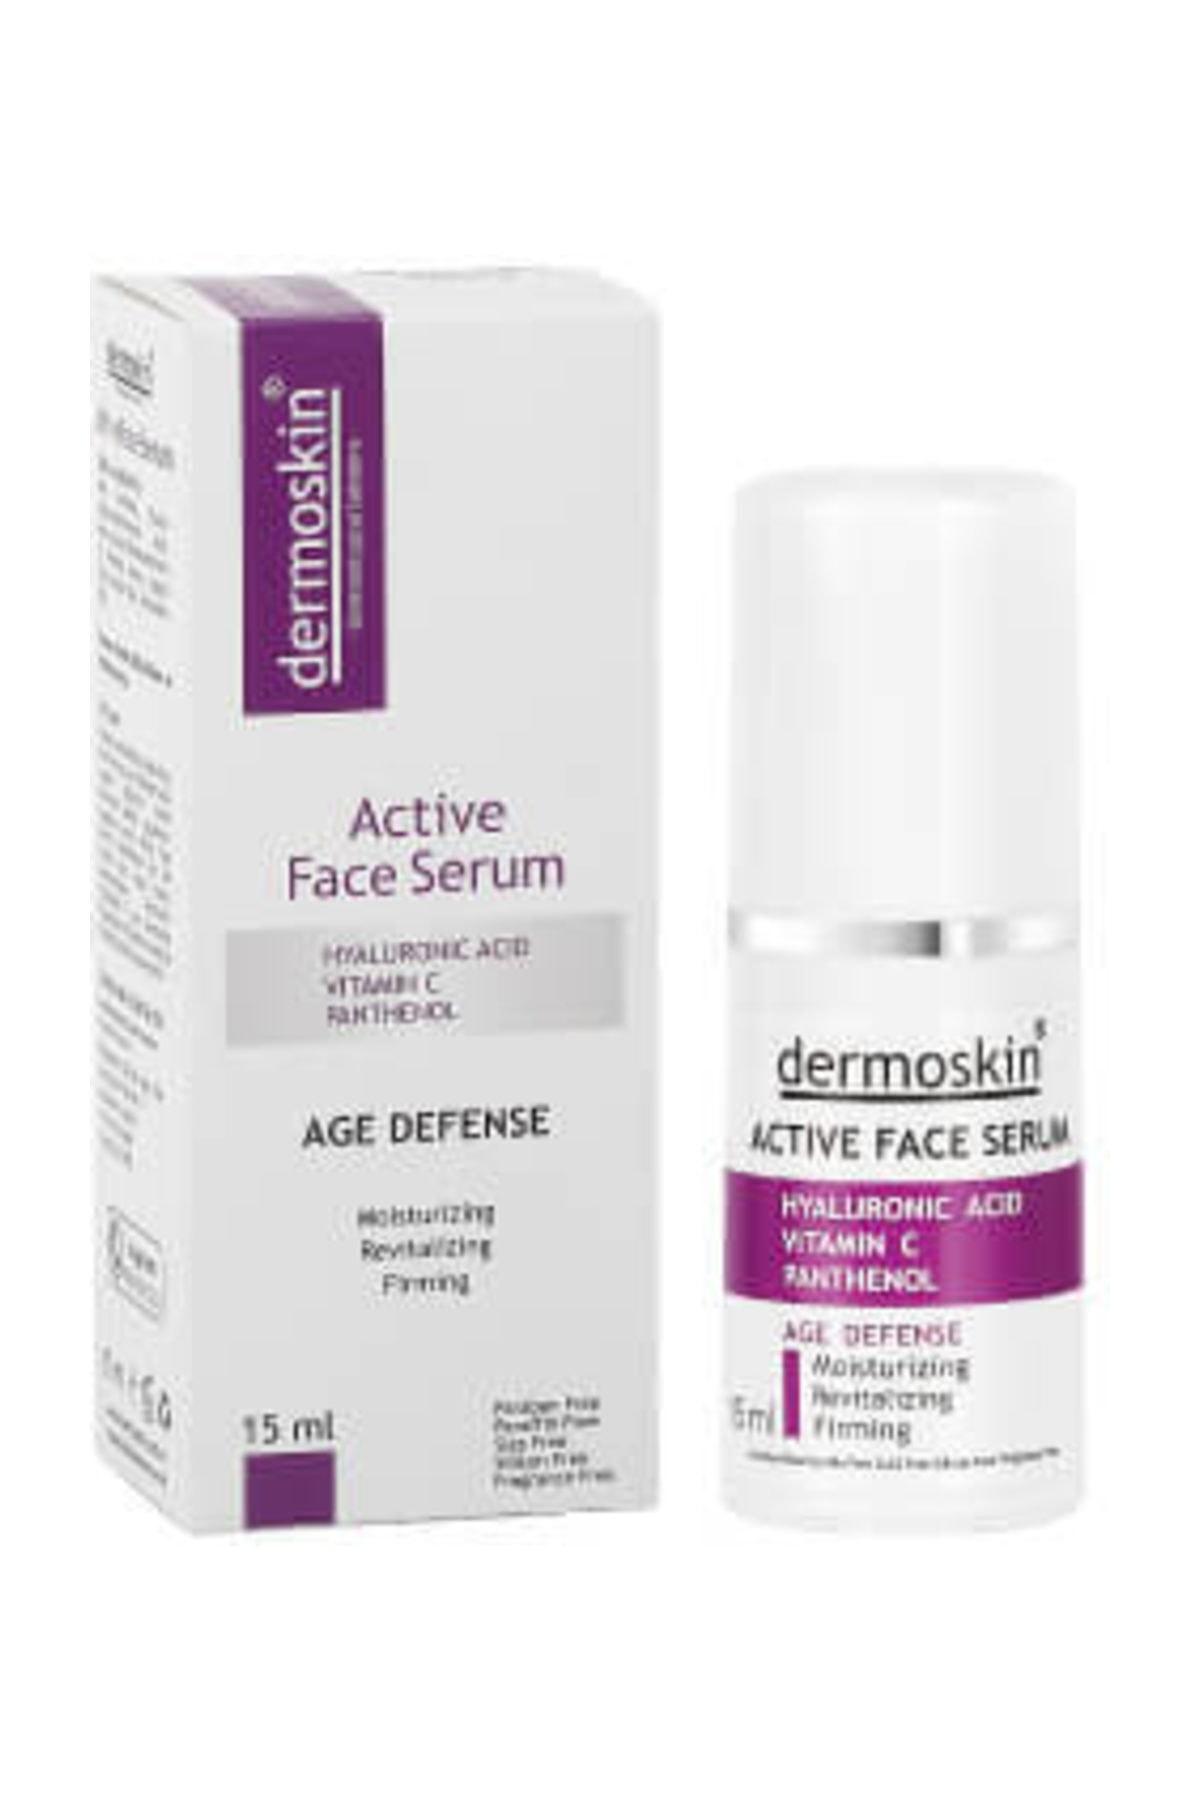 Dermoskin Active Face Serum 1